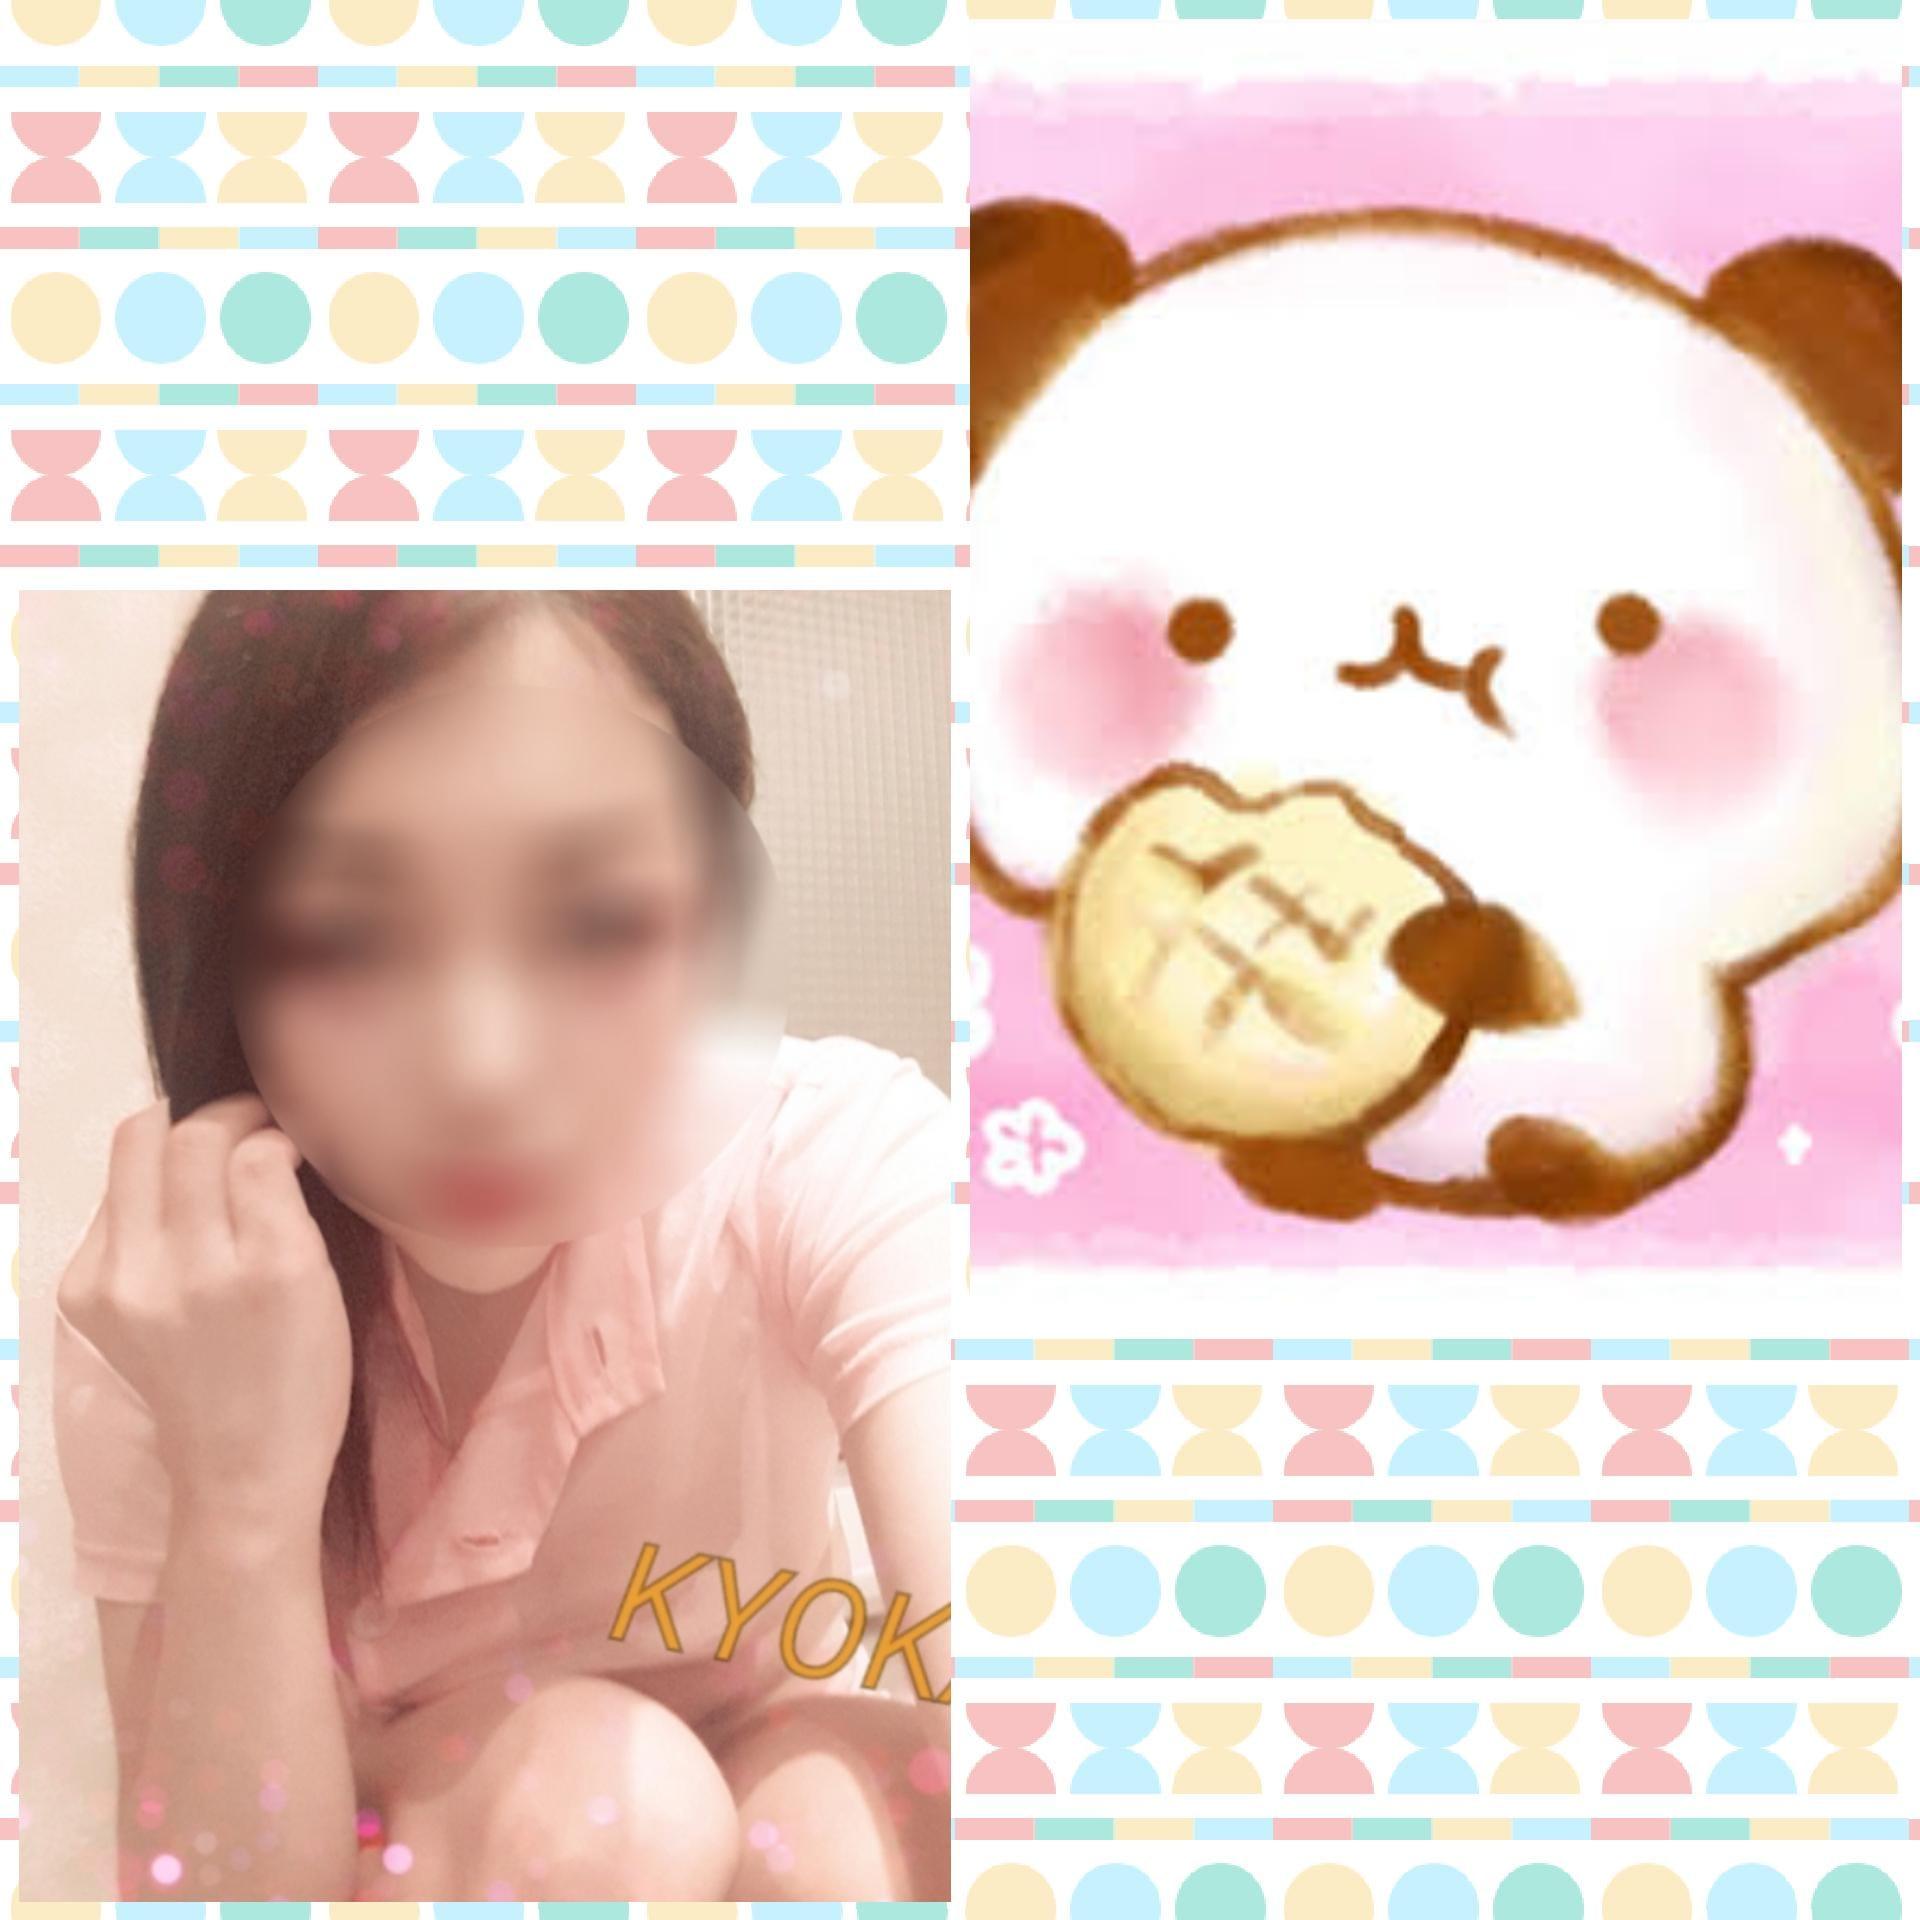 「今日は18時ごろまでしゅっきーん*」03/19(03/19) 09:24   きょうかの写メ・風俗動画